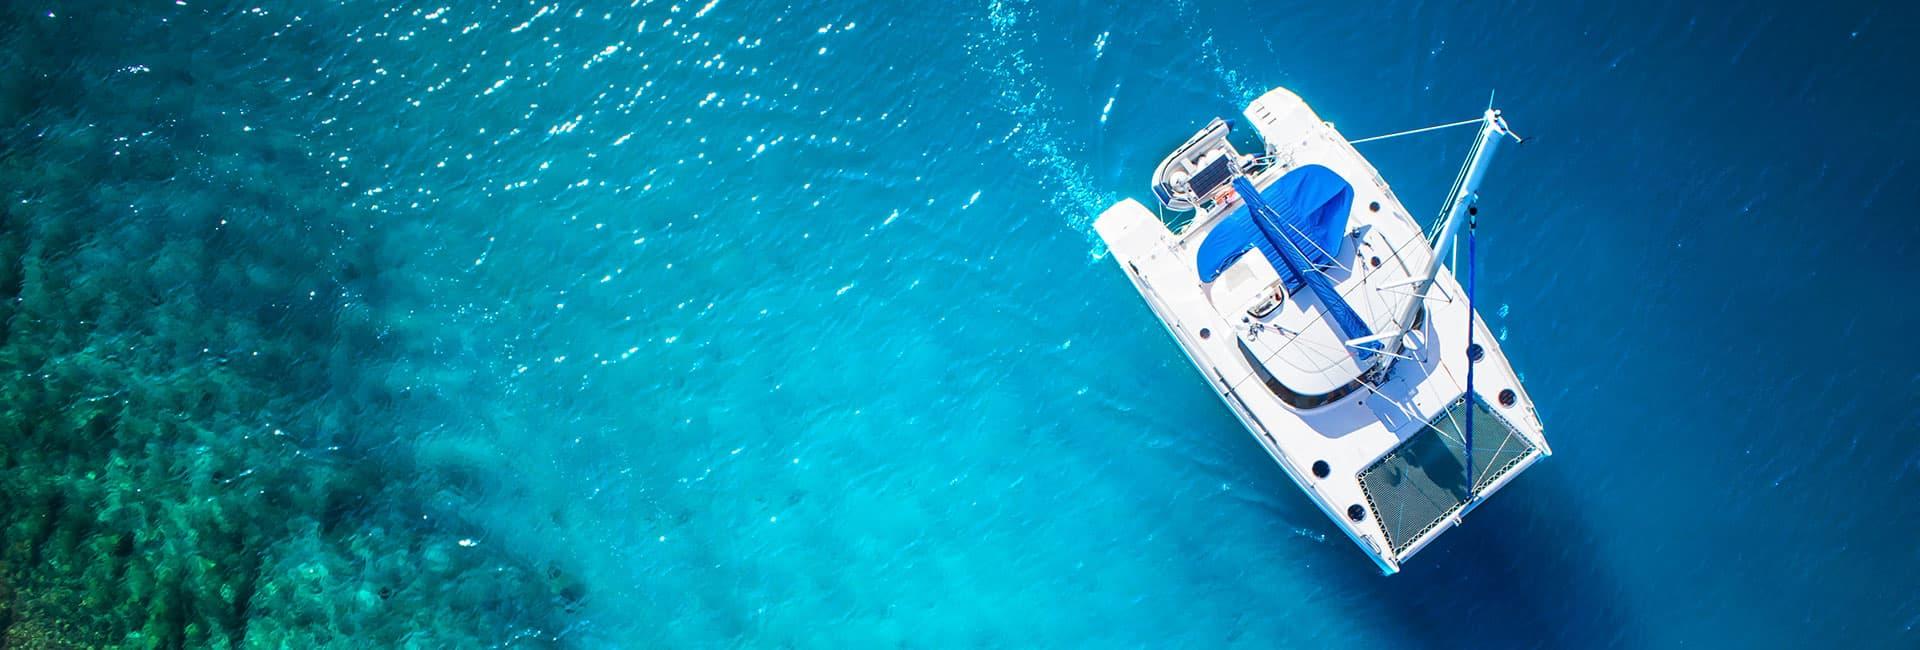 Yachtcharter-Griechenland-1